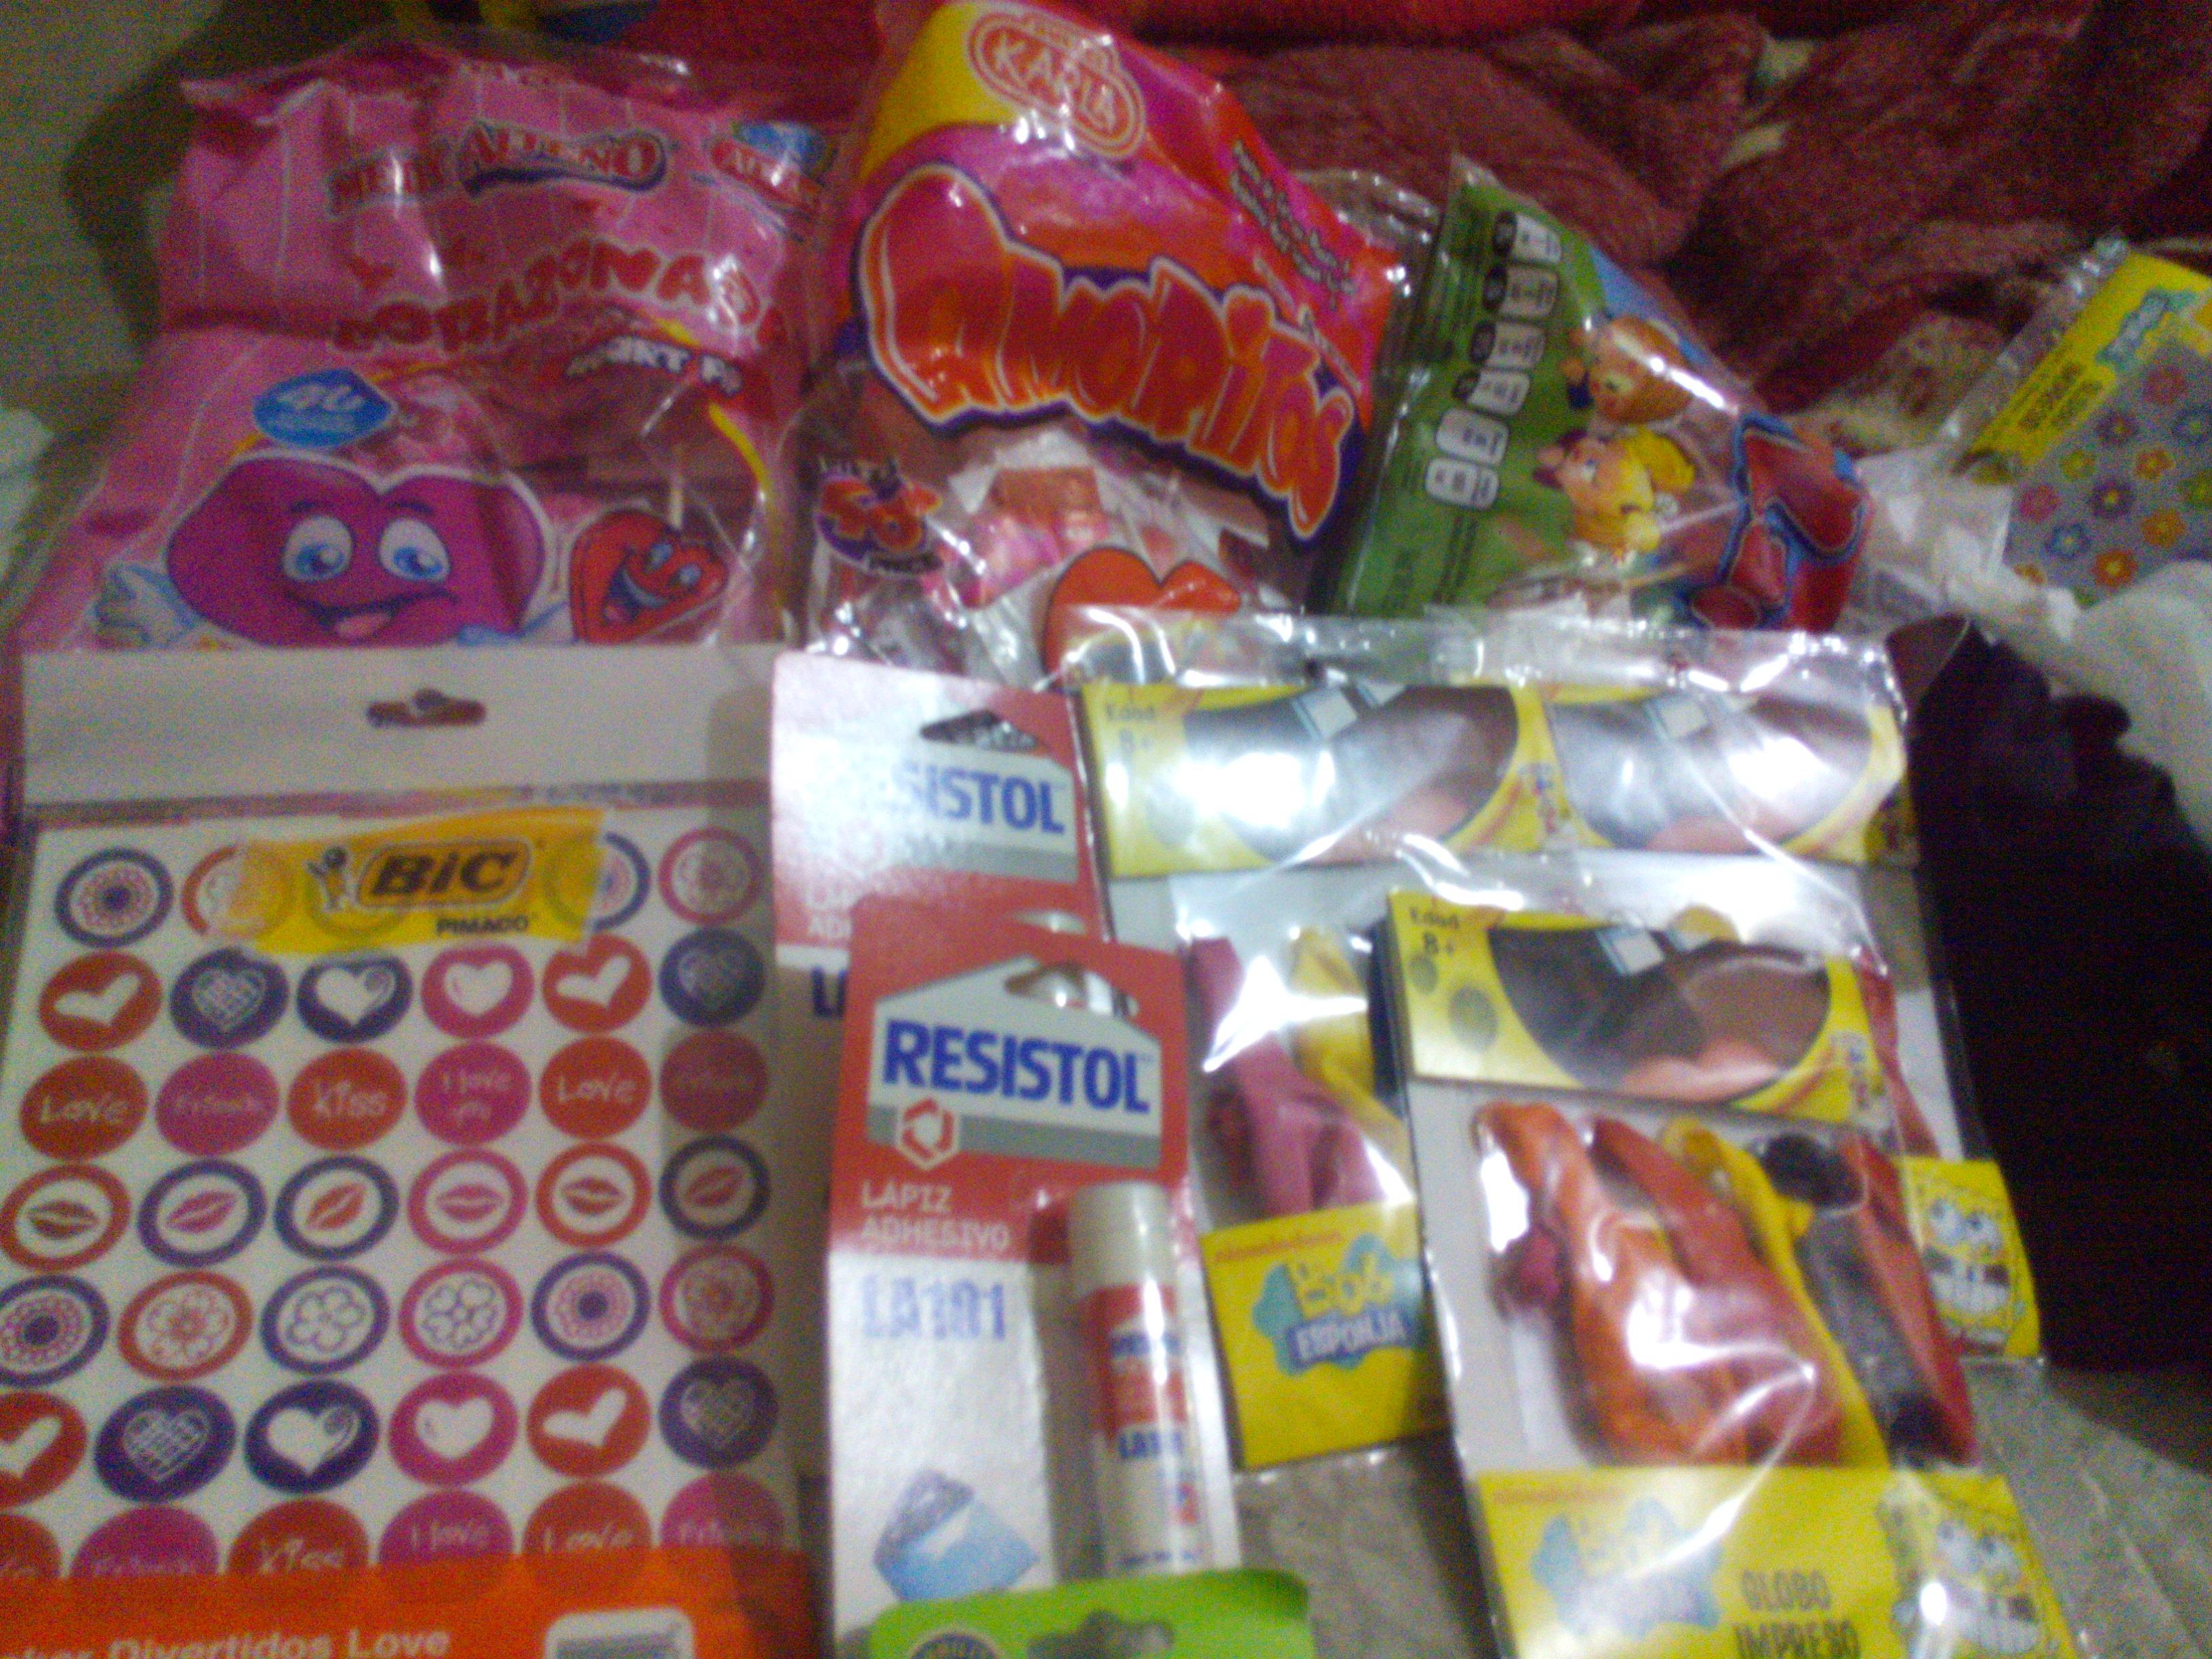 Chedraui: Bolsa de paletas $1 peso, Globos $2.50 y más